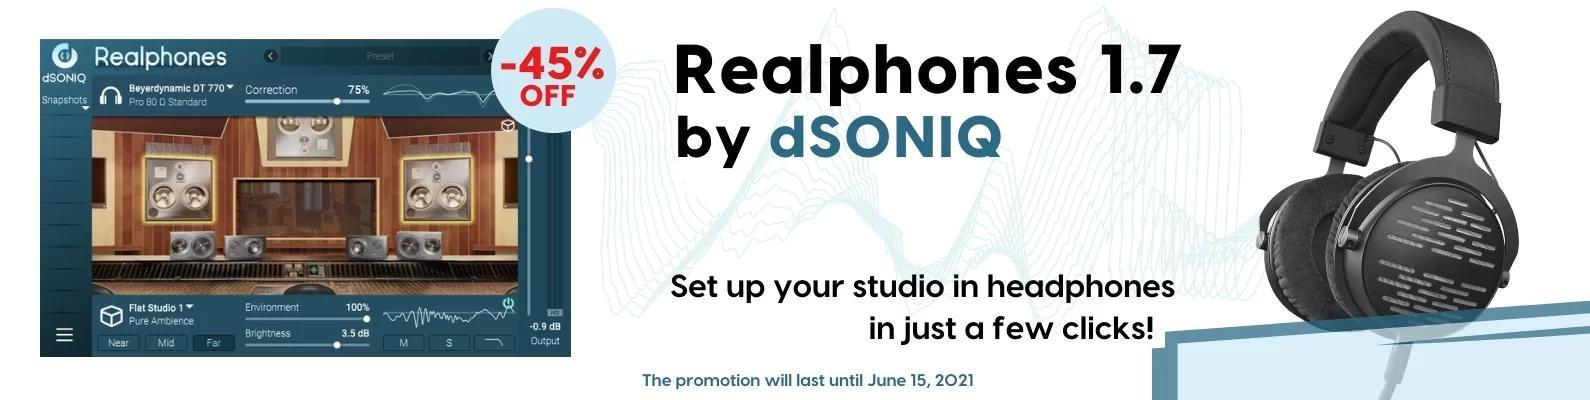 realphones.webp.jpg